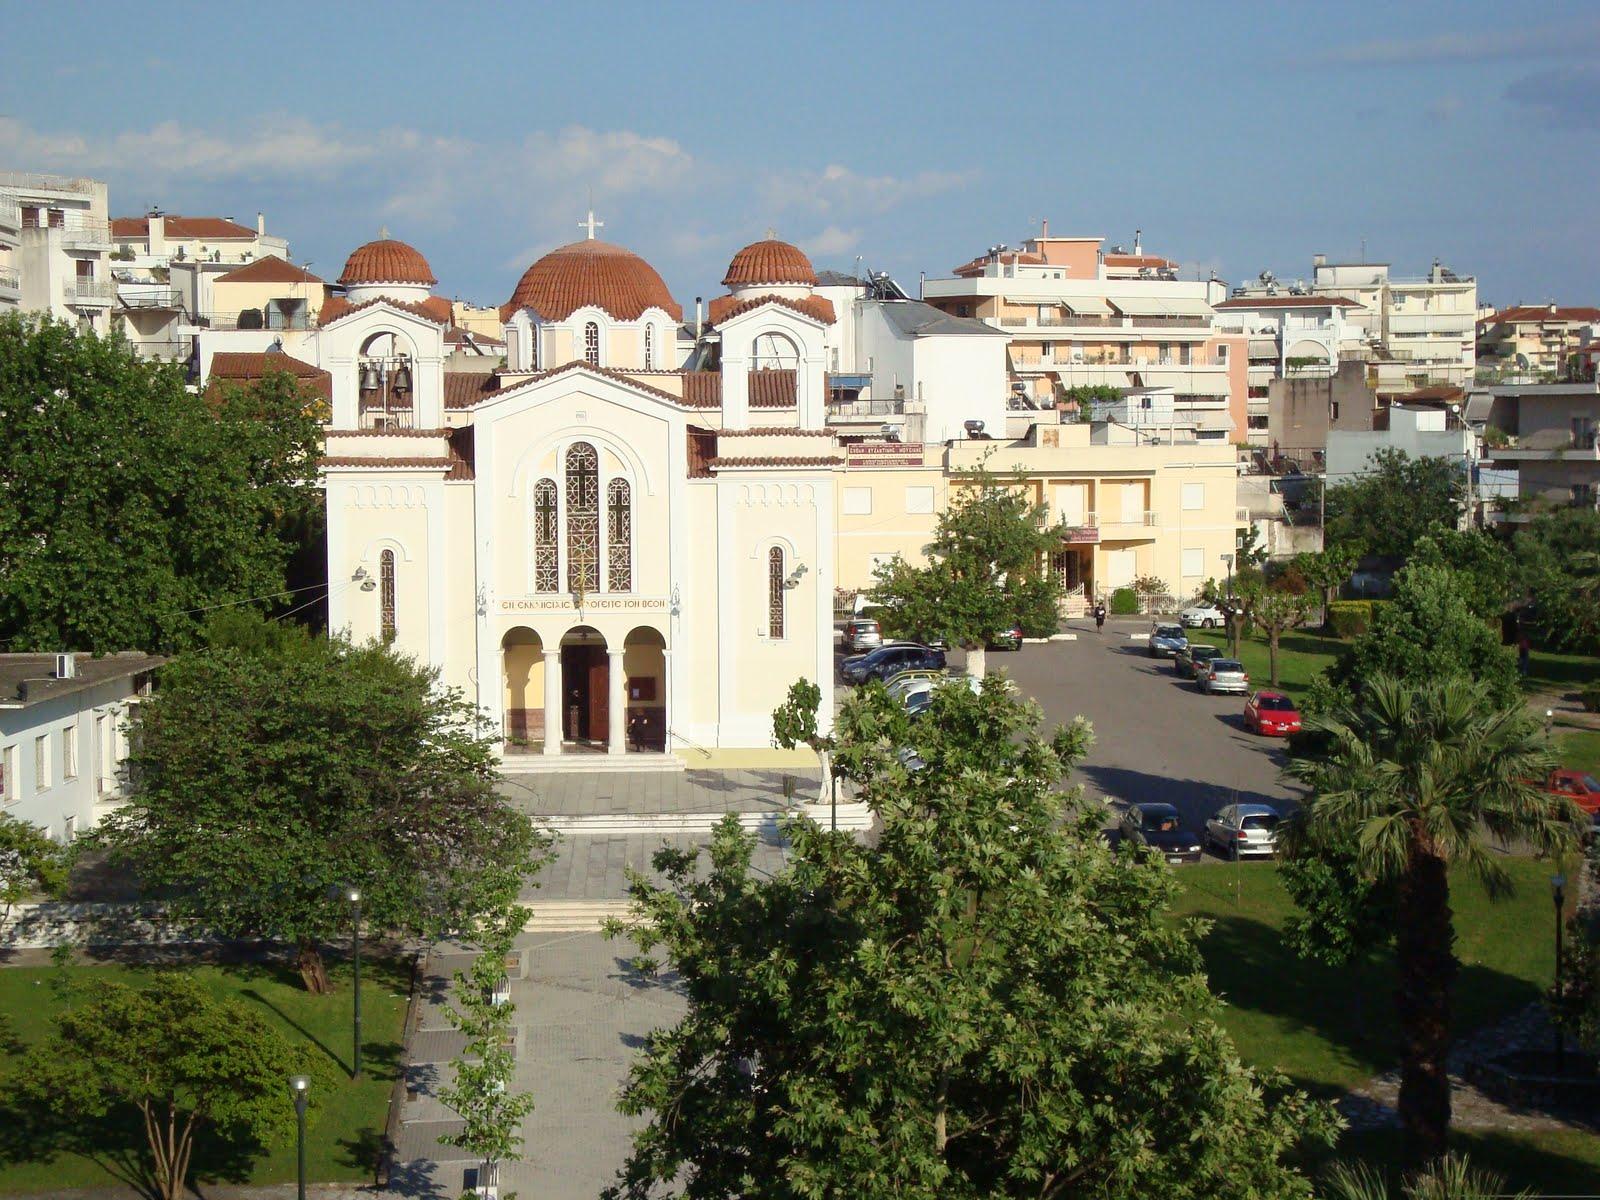 Αγρίνιο: Την Κυριακή 11/6 ο εορτασμός της Ημέρας των Αποστράτων της ΕΛΑΣ